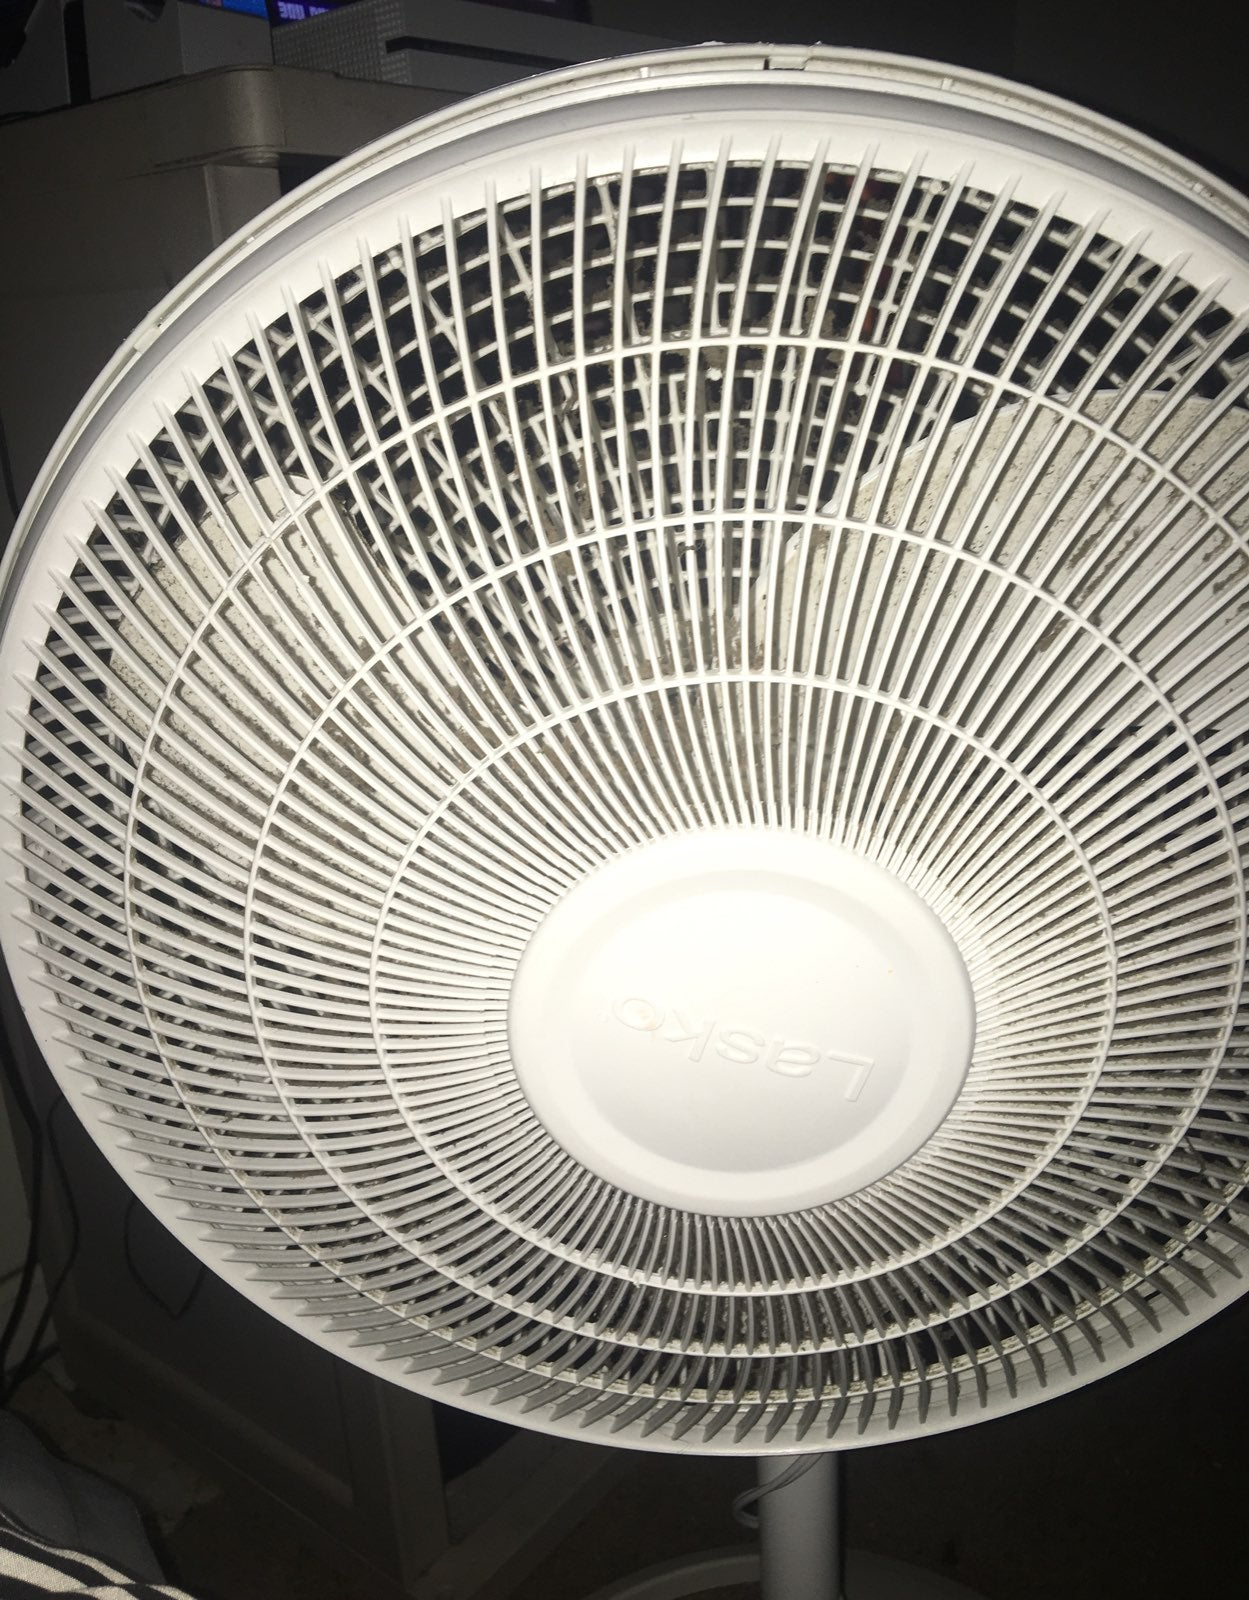 Broken fan